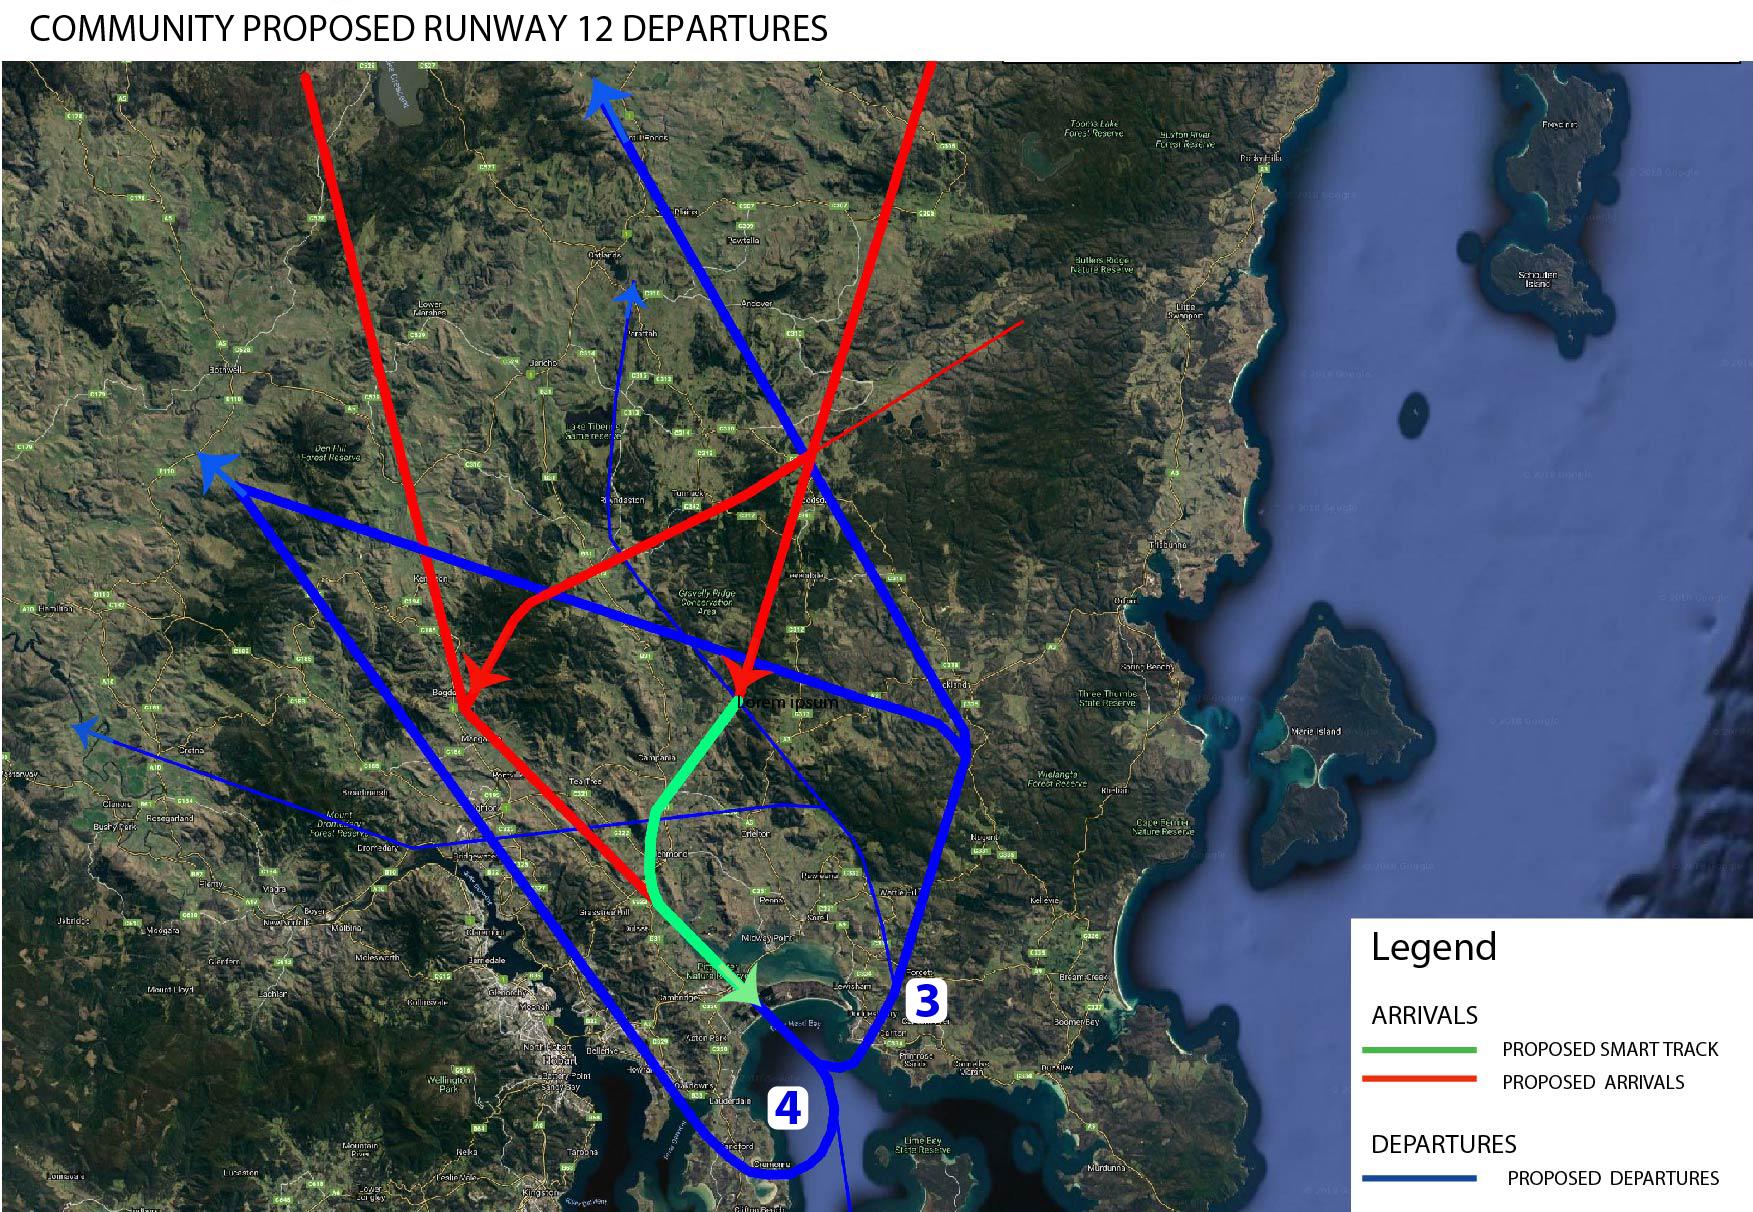 community proposed Runway 12 departures.jpg